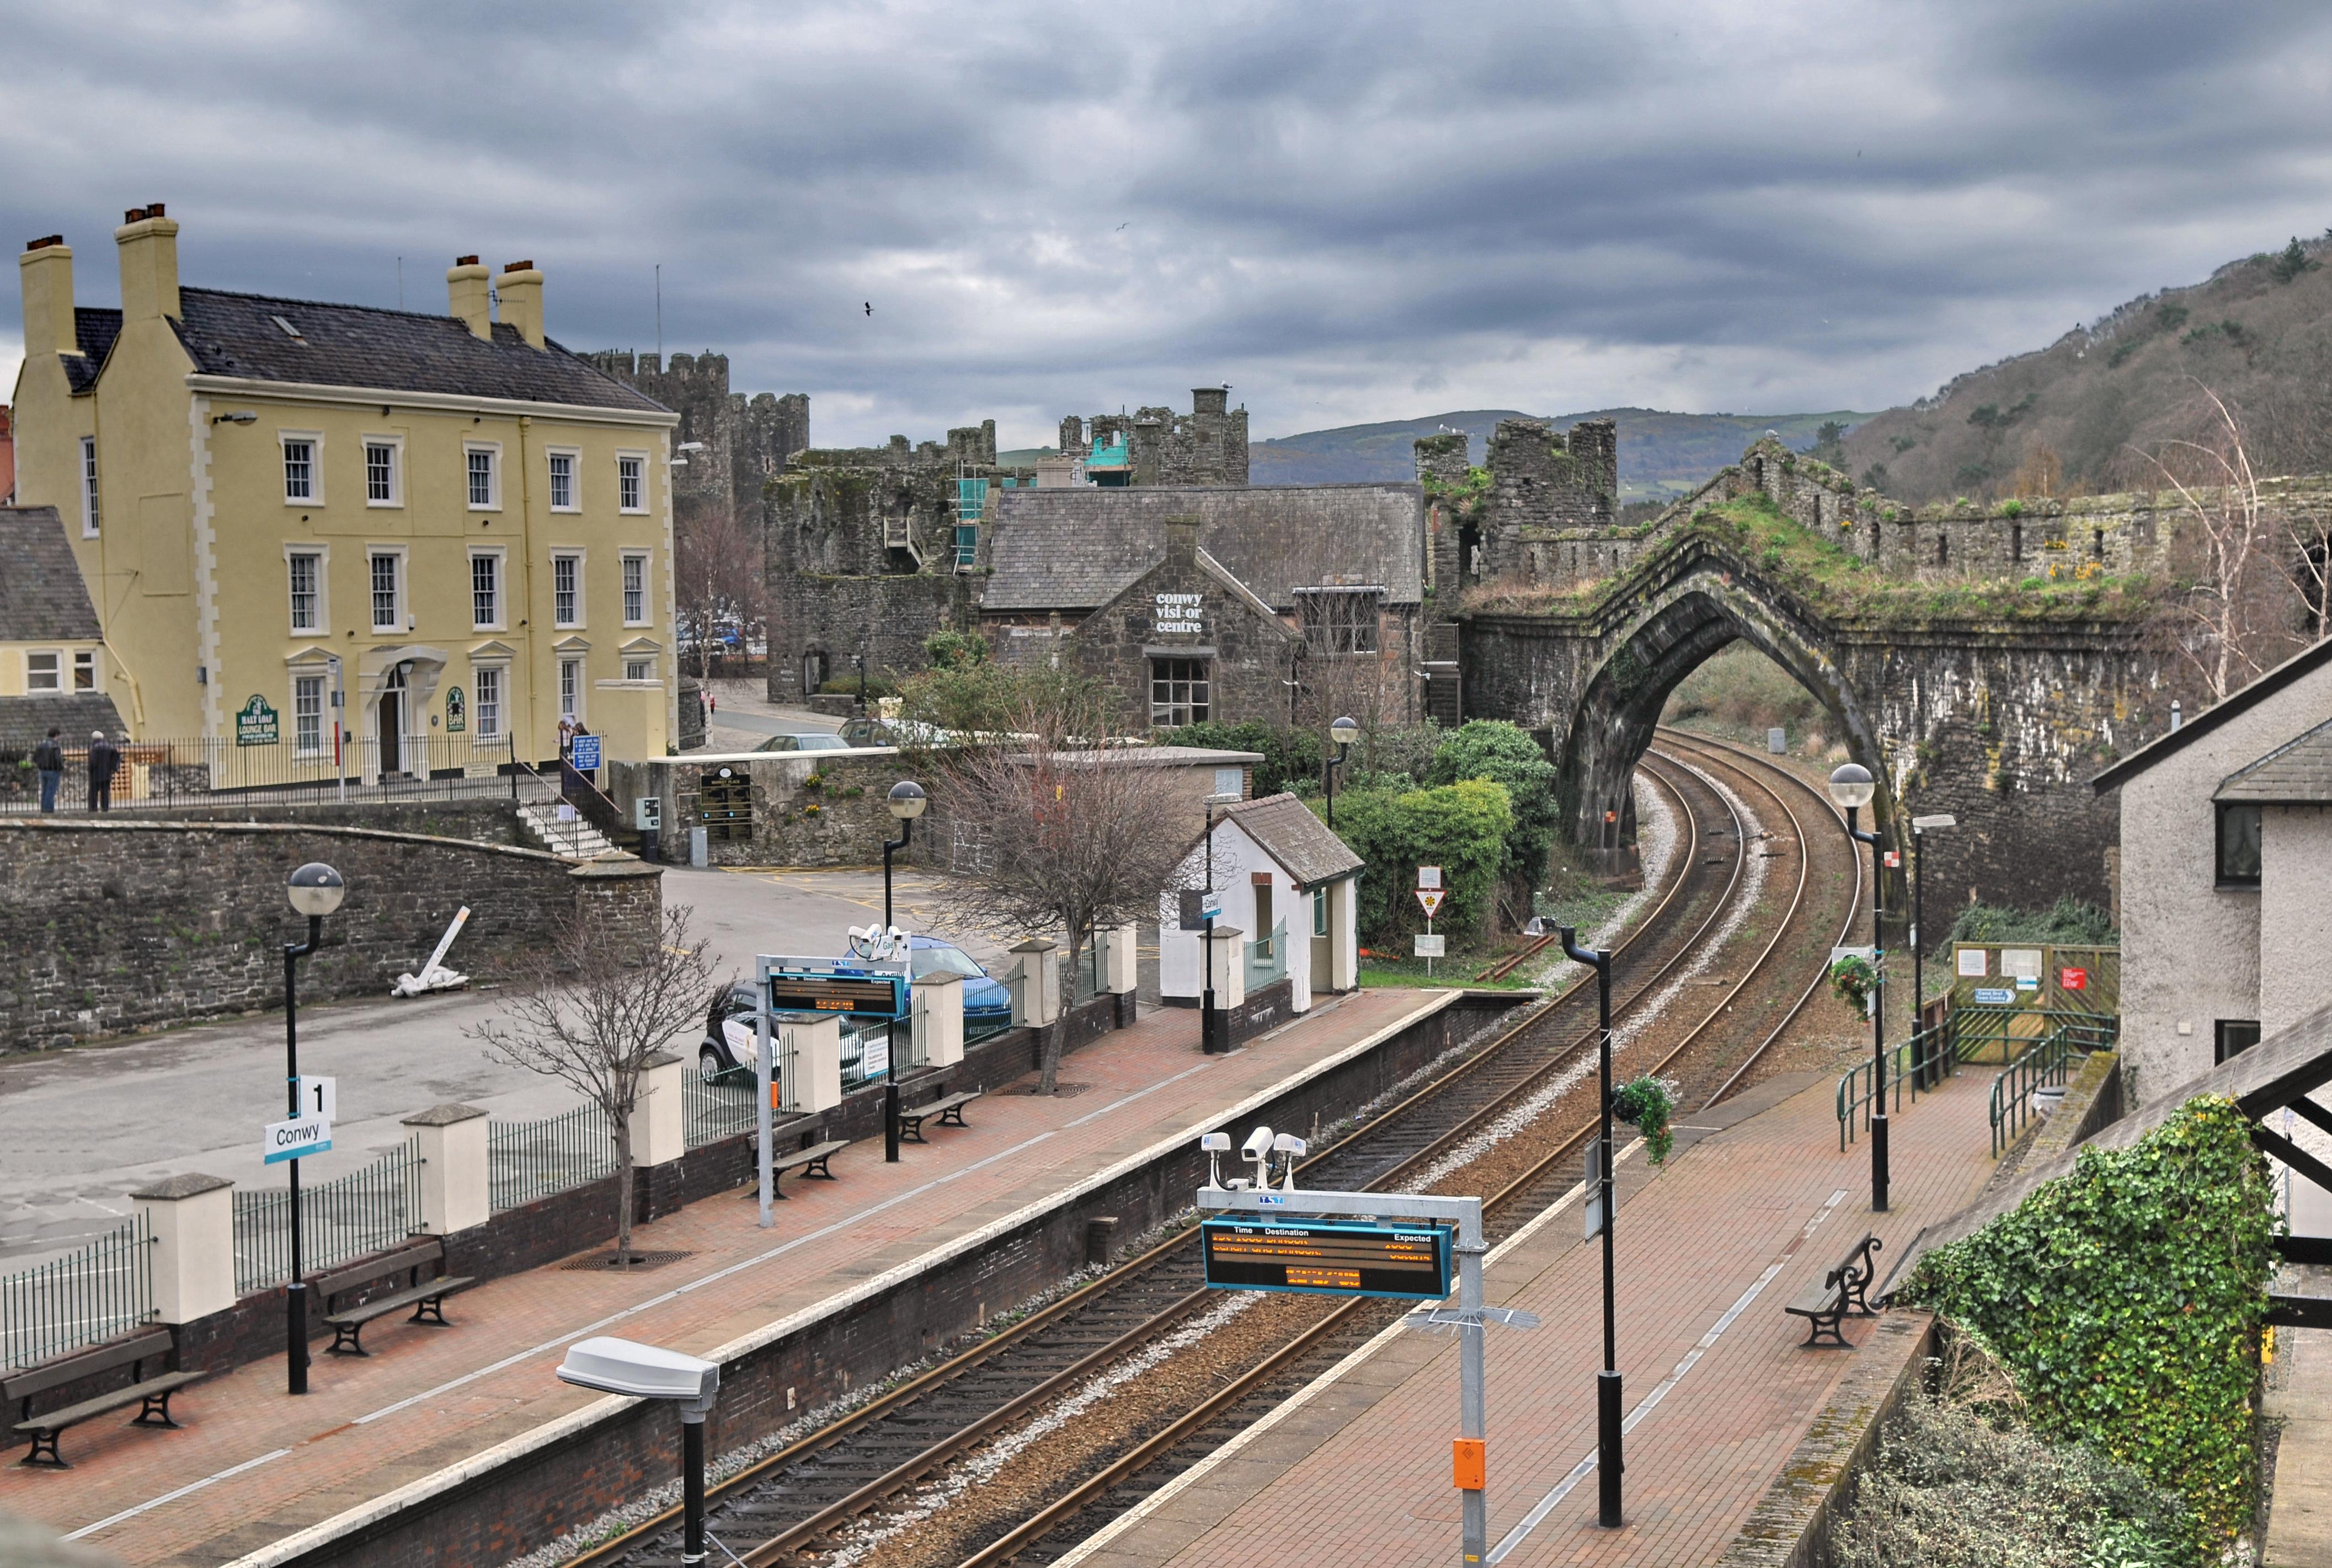 2 Llanfairfechan Bangor Line. Conway Penmaenmawr Railway Station Photo